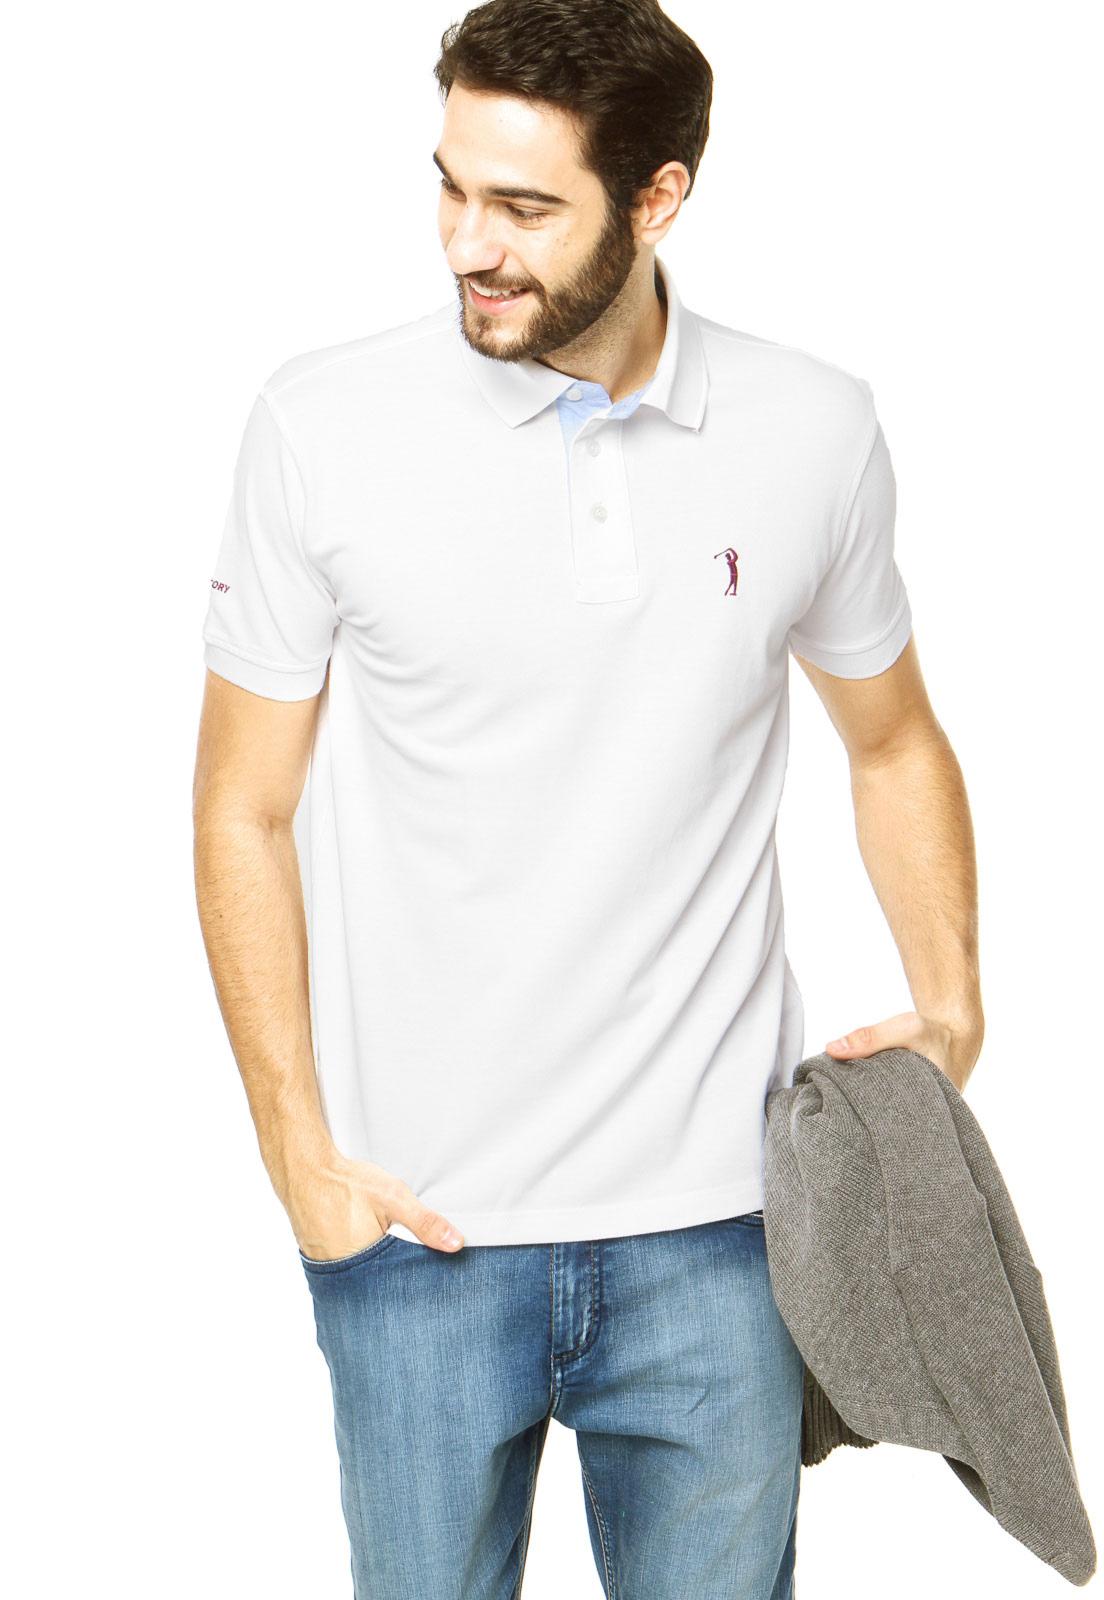 b2860c596a Cabide Masculino  Dress code de verão no trabalho  camisa polo lisa ...